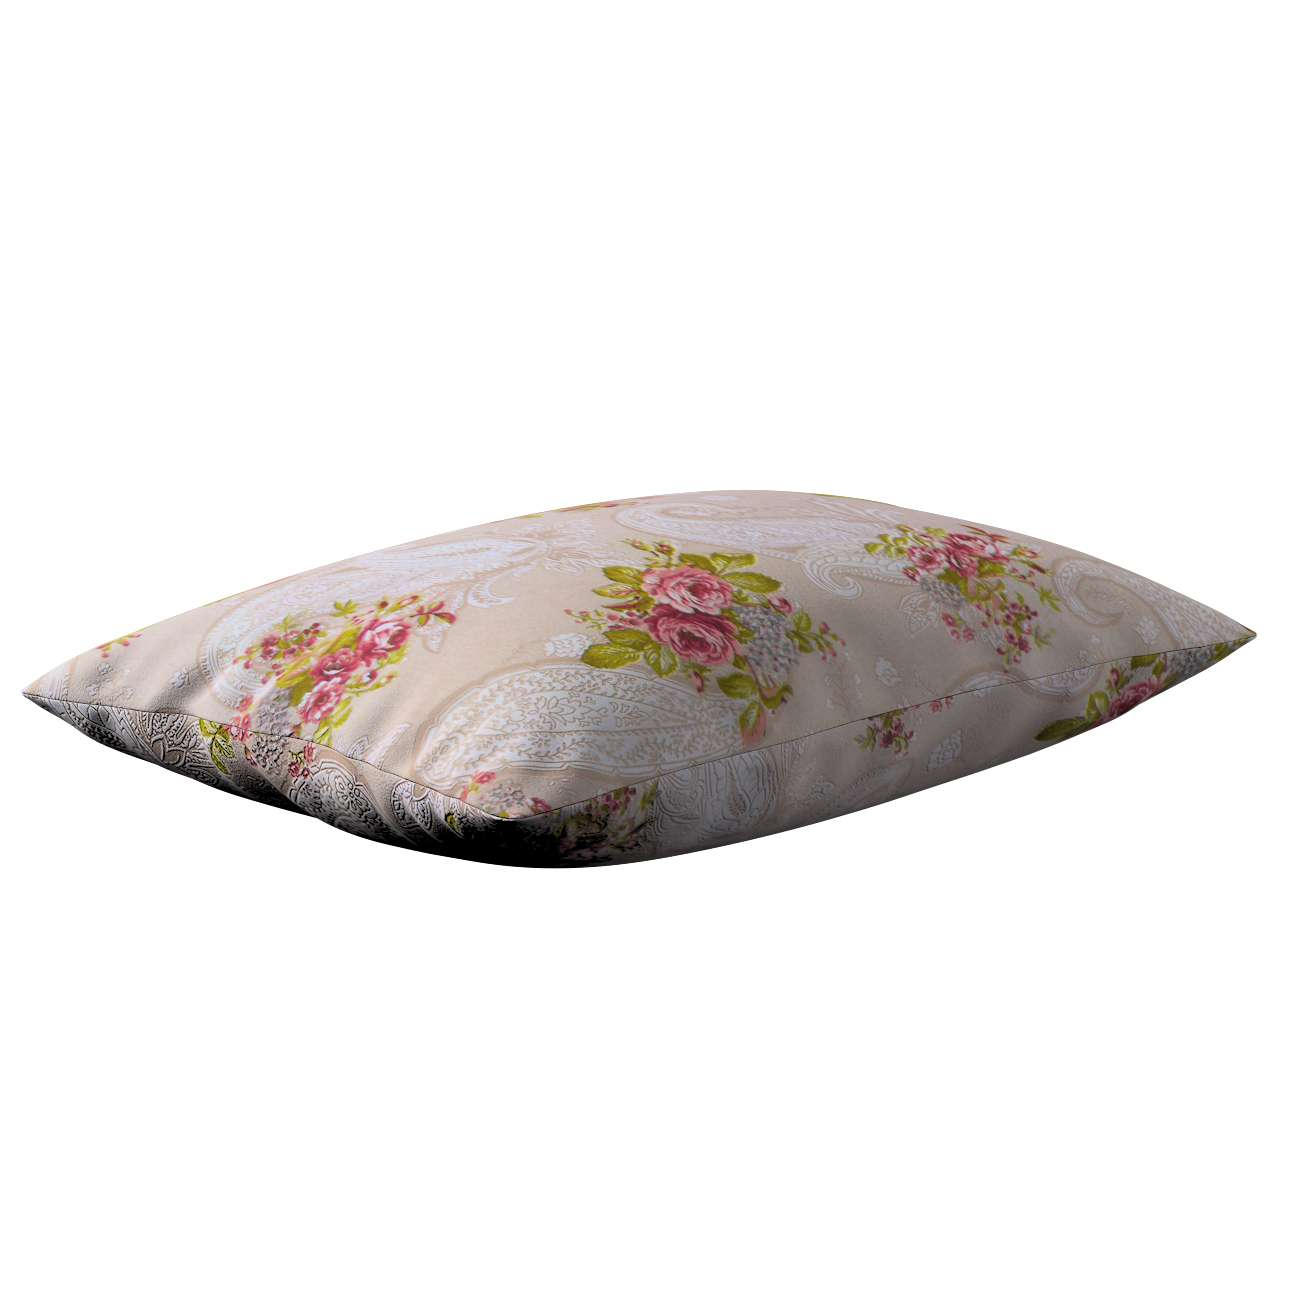 Poszewka Kinga na poduszkę prostokątną w kolekcji Flowers, tkanina: 311-15